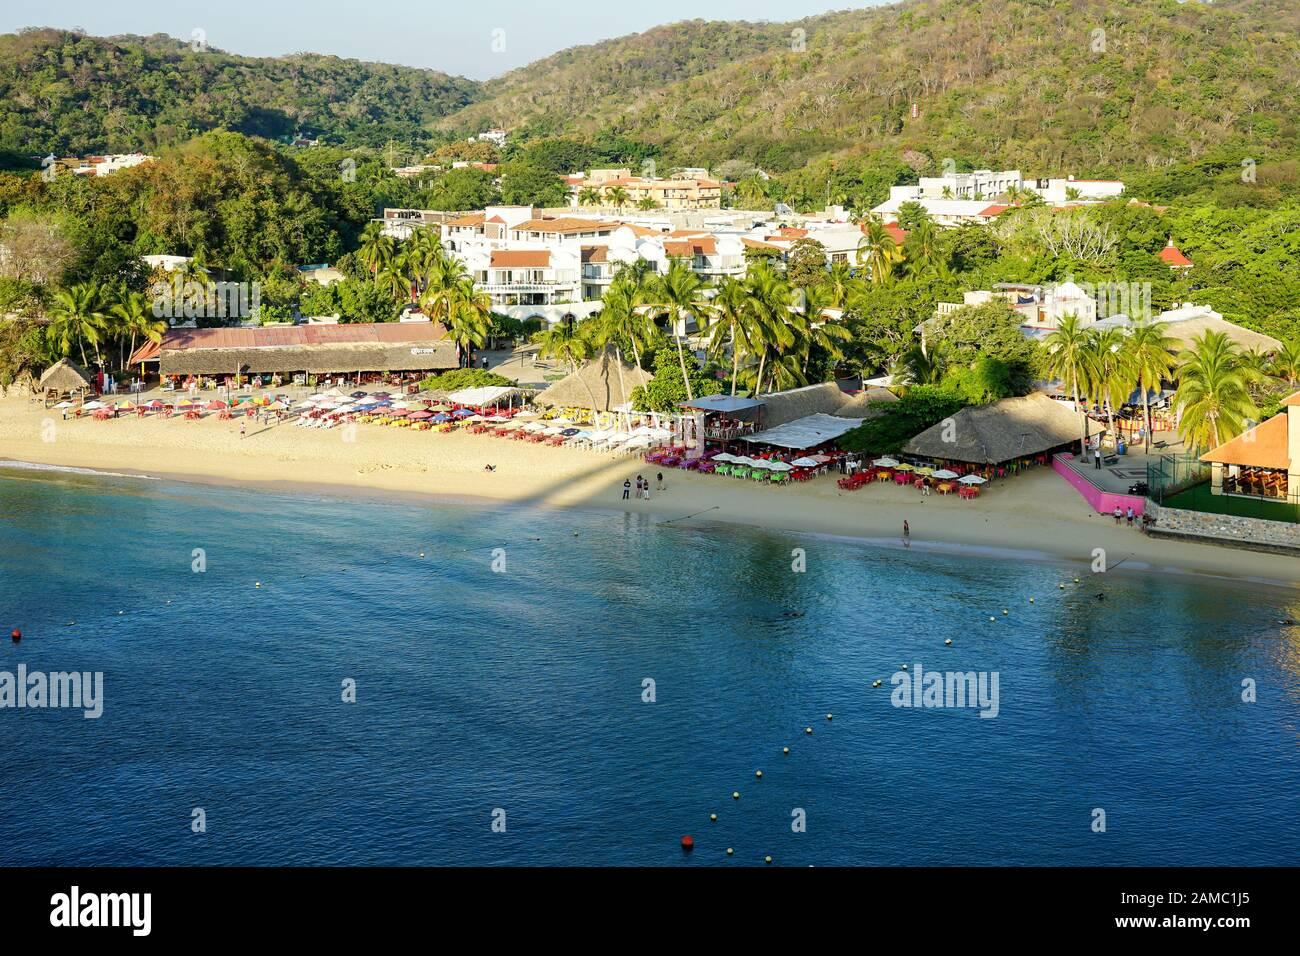 Muelle de Crucero y resort de Vista de Huatulco Bays de Huatulco, México, Bahía L'Entrega, Bahias de Huatulco, Oaxaca, Playa Santa Cruz Foto de stock